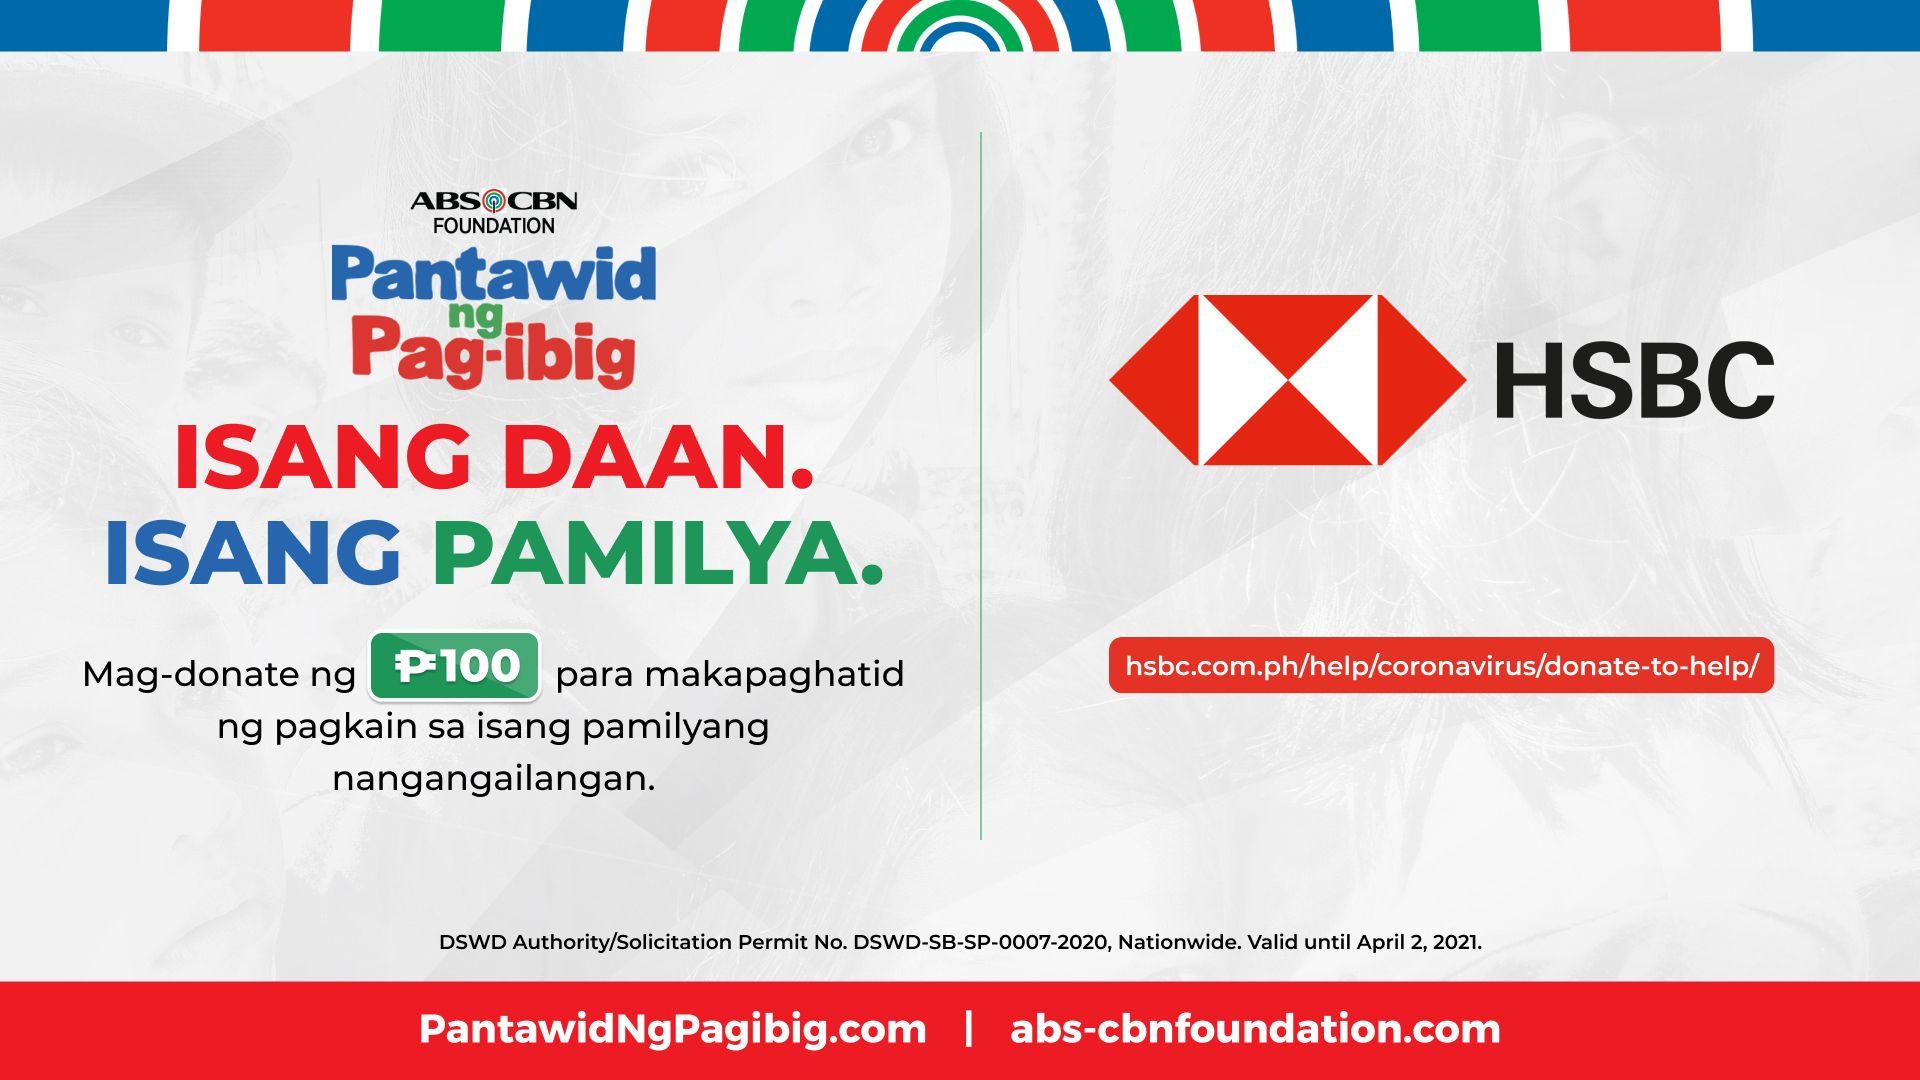 'Pantawid ng Pag-ibig': Relief packs hatid sa 2 barangay sa Polangui, Albay 8